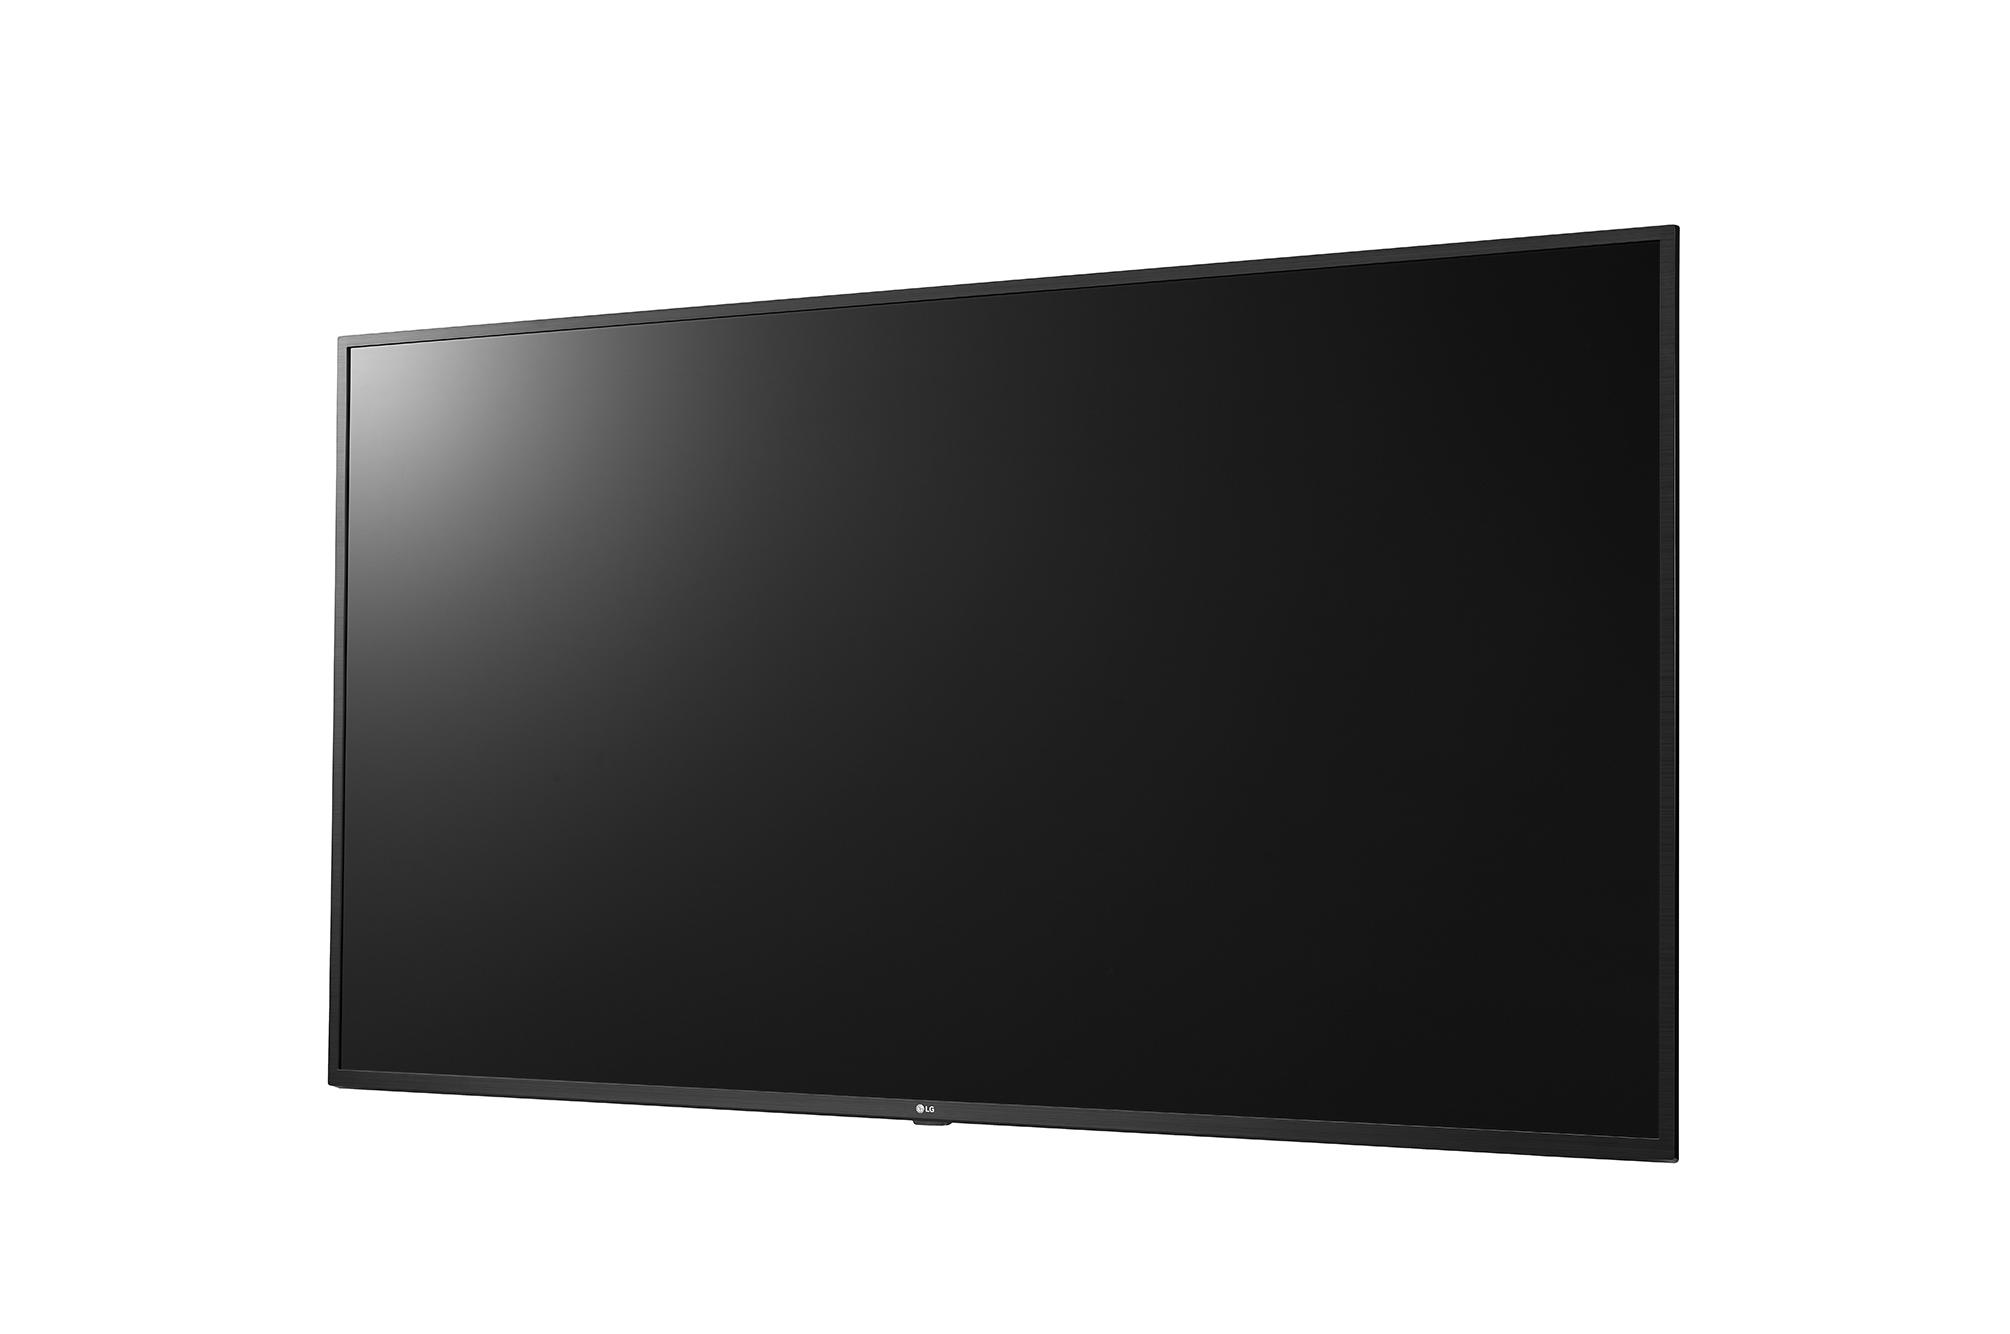 LG Standard Premium 55UL3G-B 3